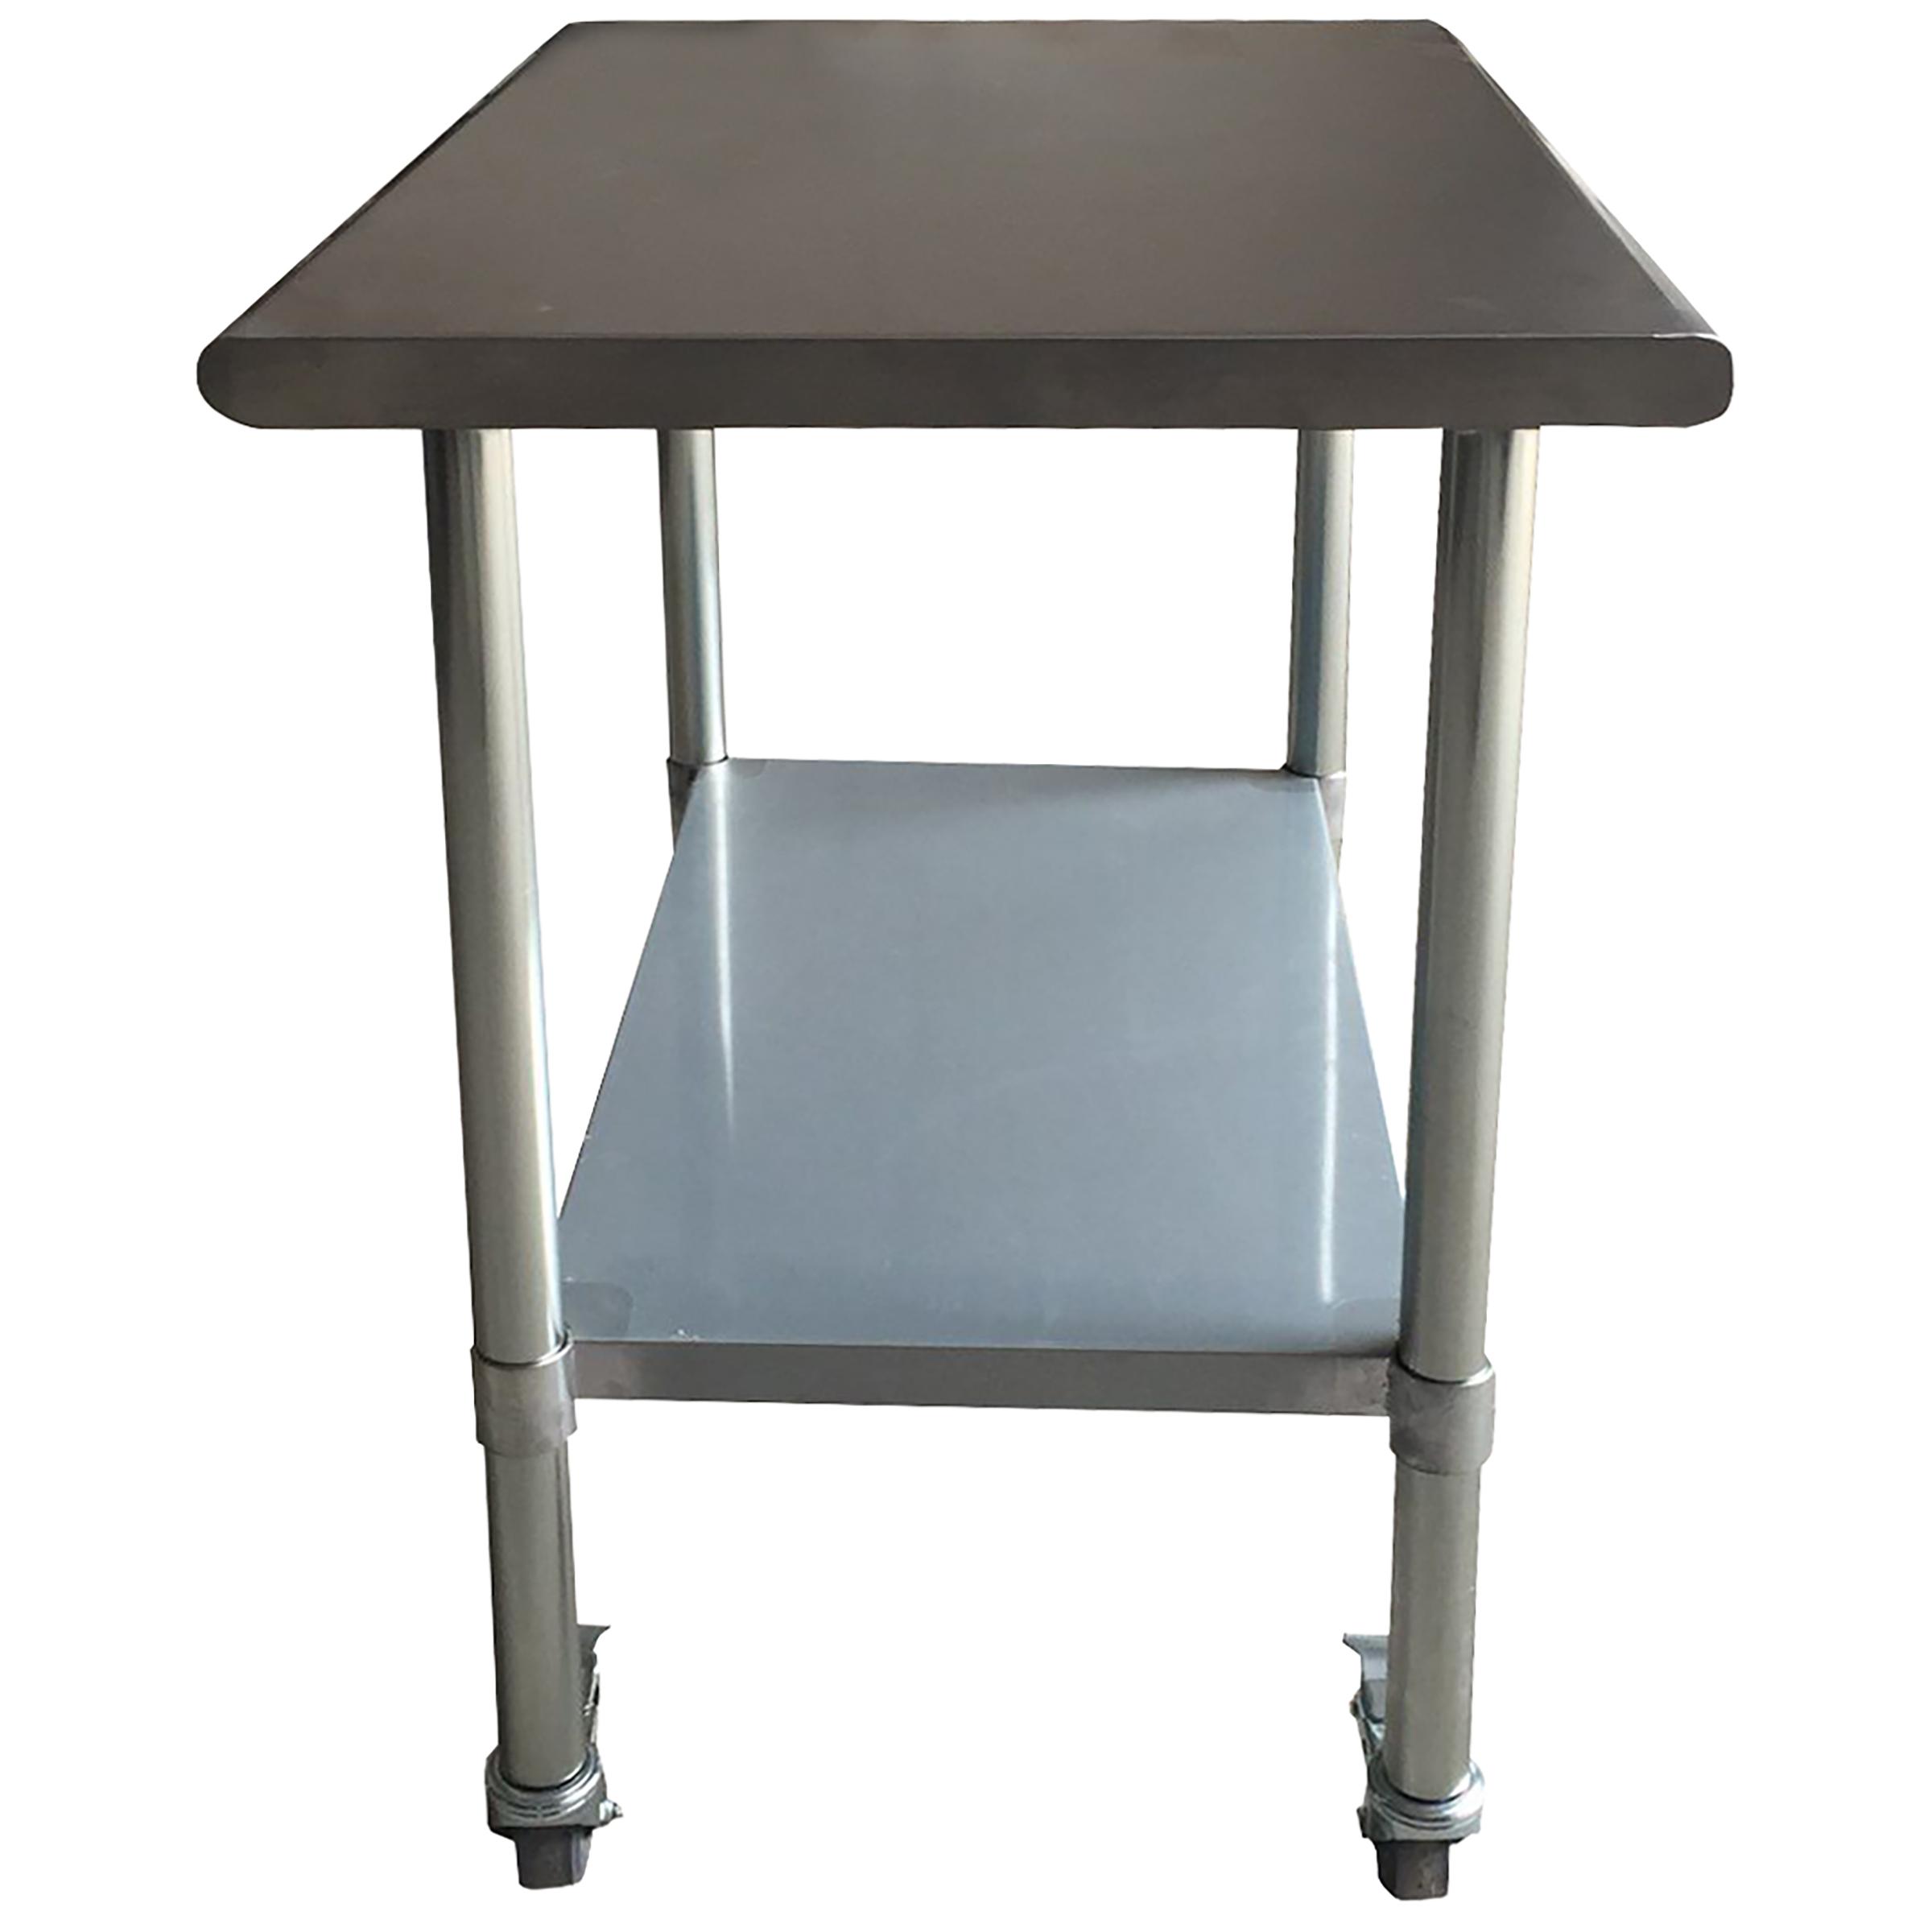 Sportsman Series Stainless Steel Work Table With Casters X - 24 x 48 stainless steel work table